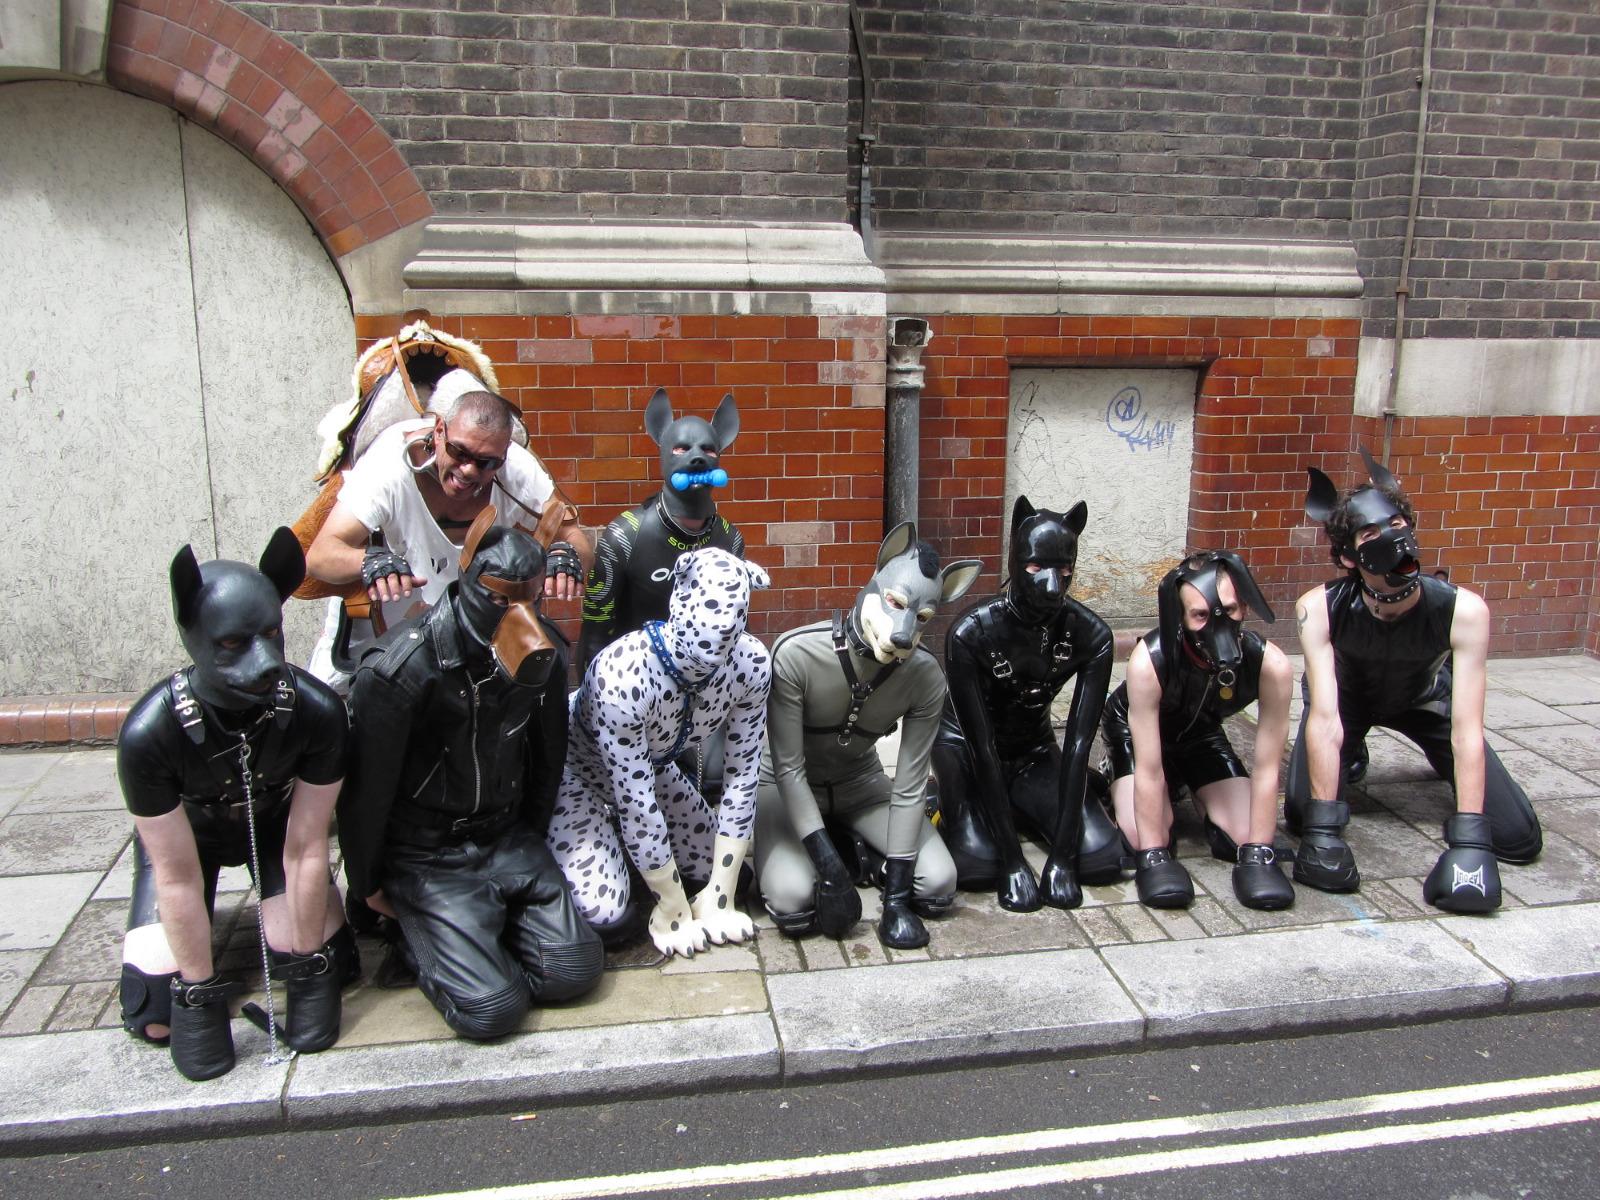 Pride in London 2012